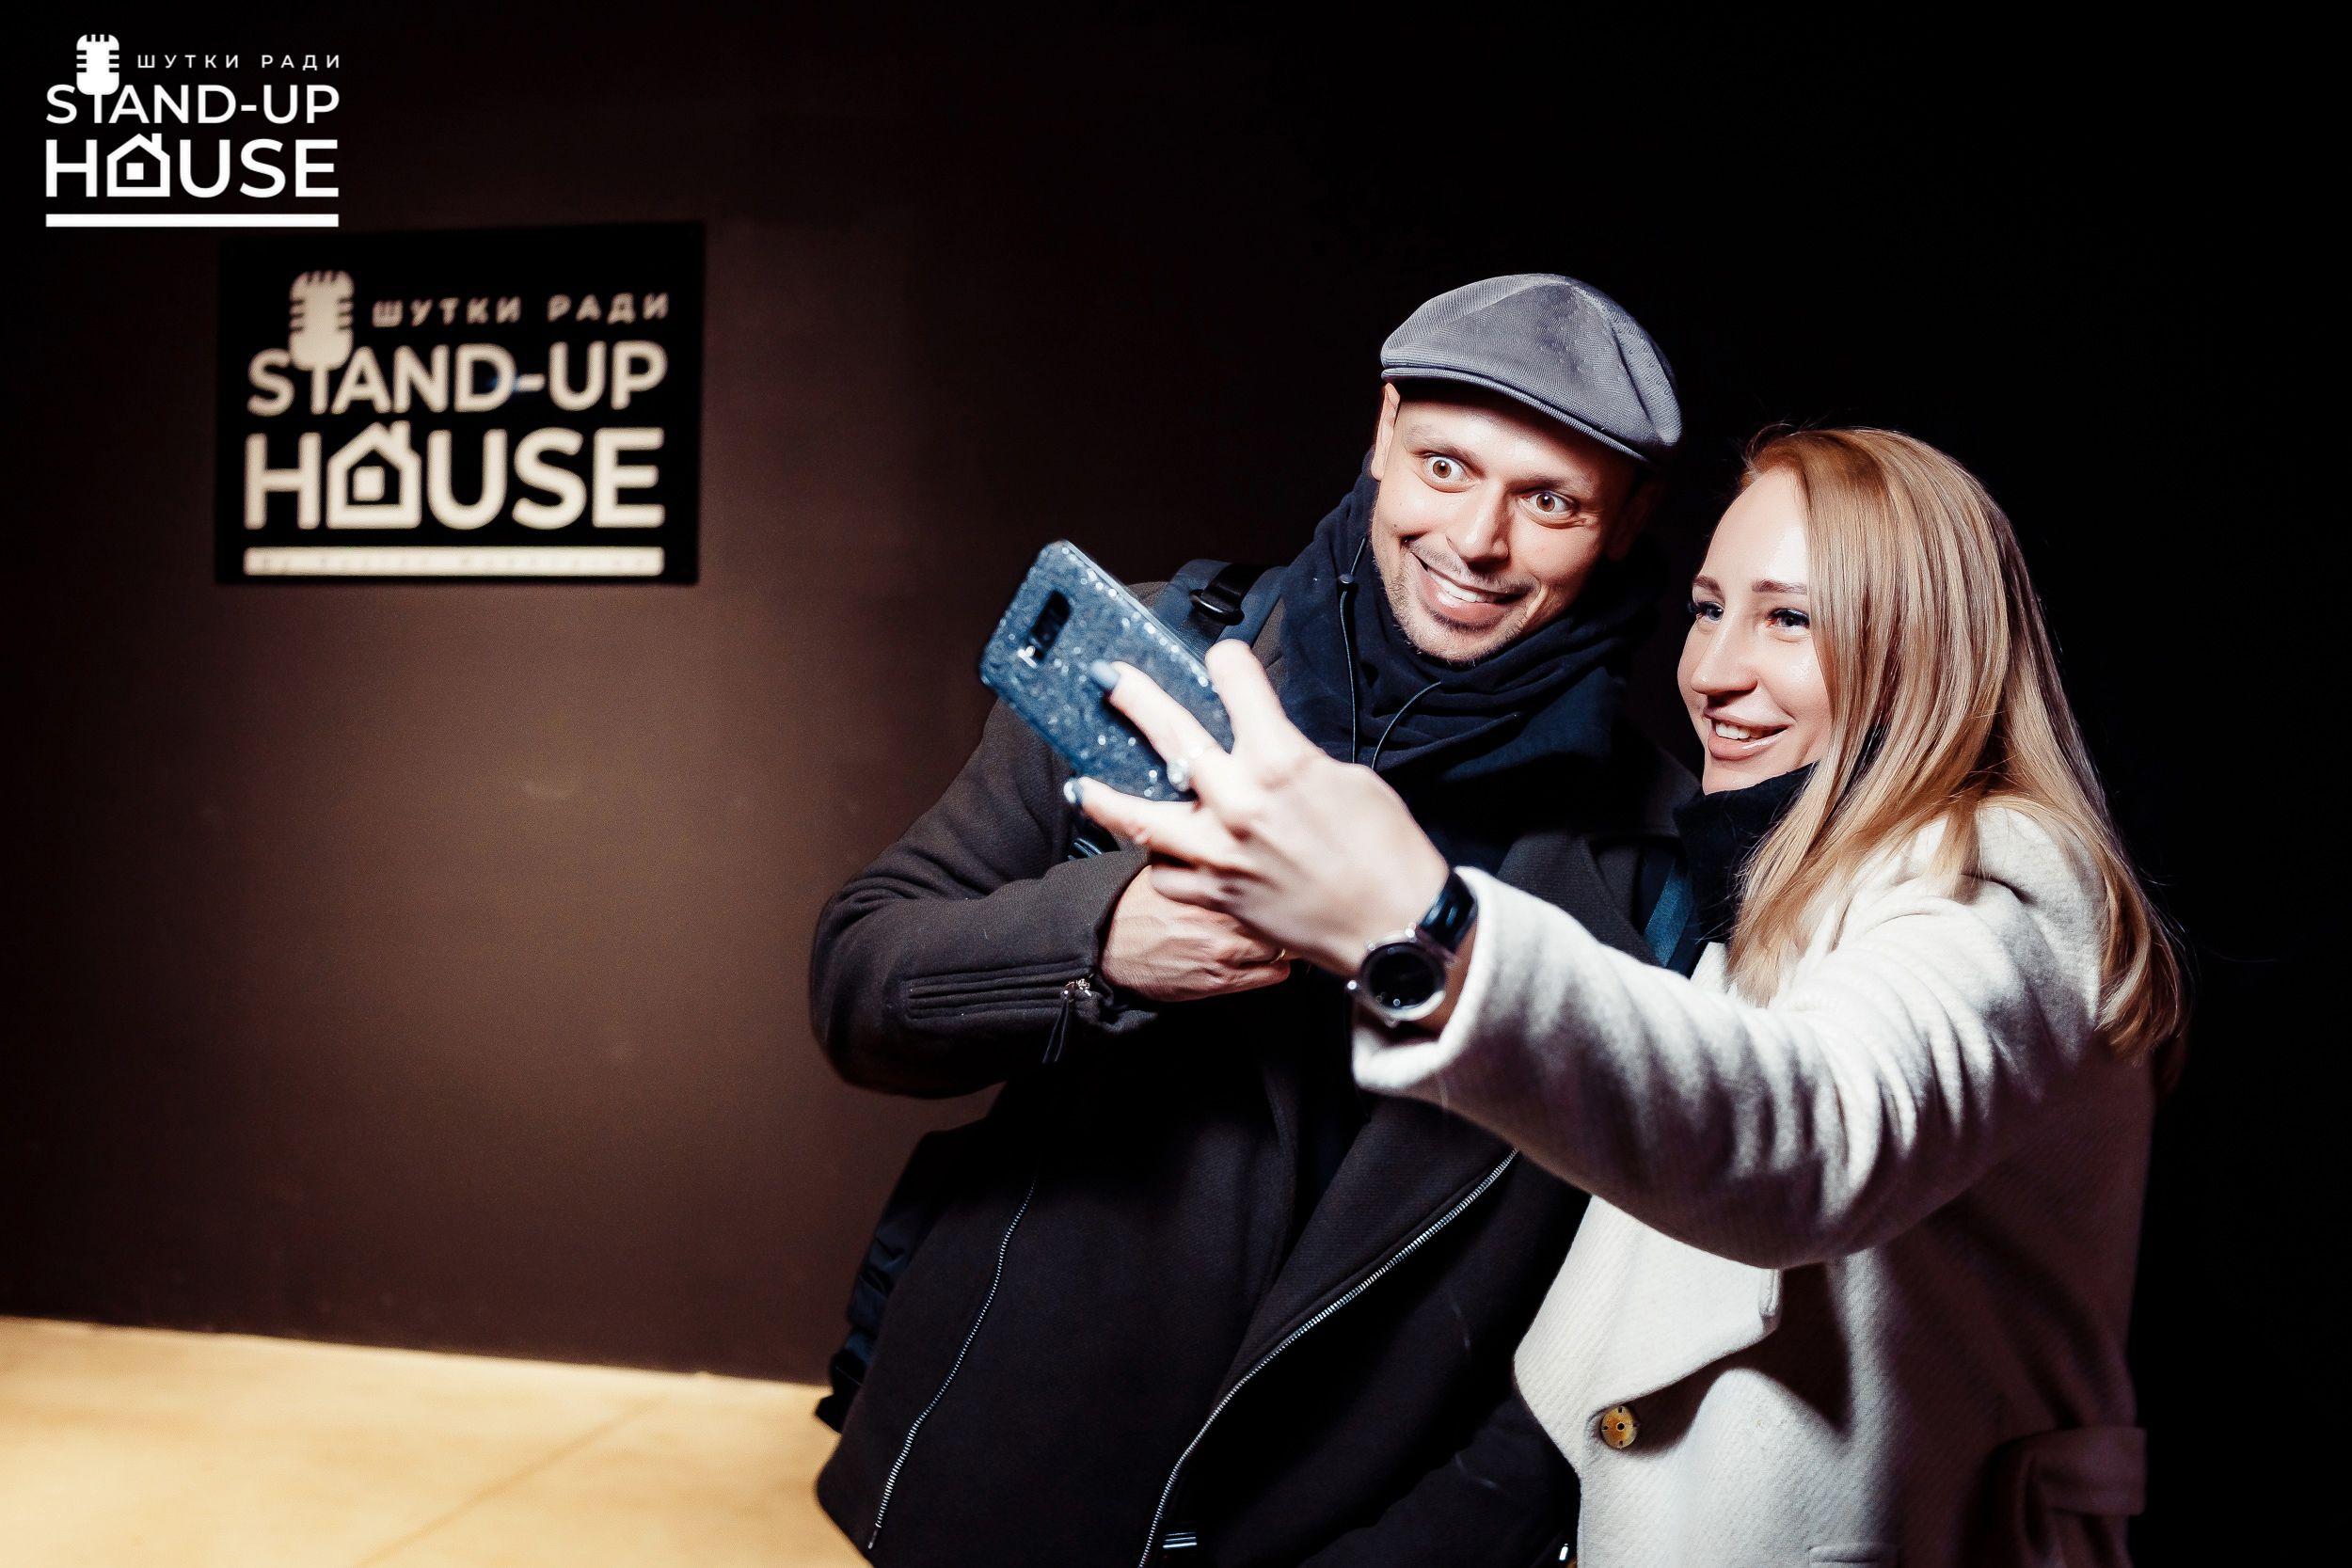 StandUp-вечера и авторские форматы шоу от ТВ- и YouTube-комиков в Stand-Up House фото 5